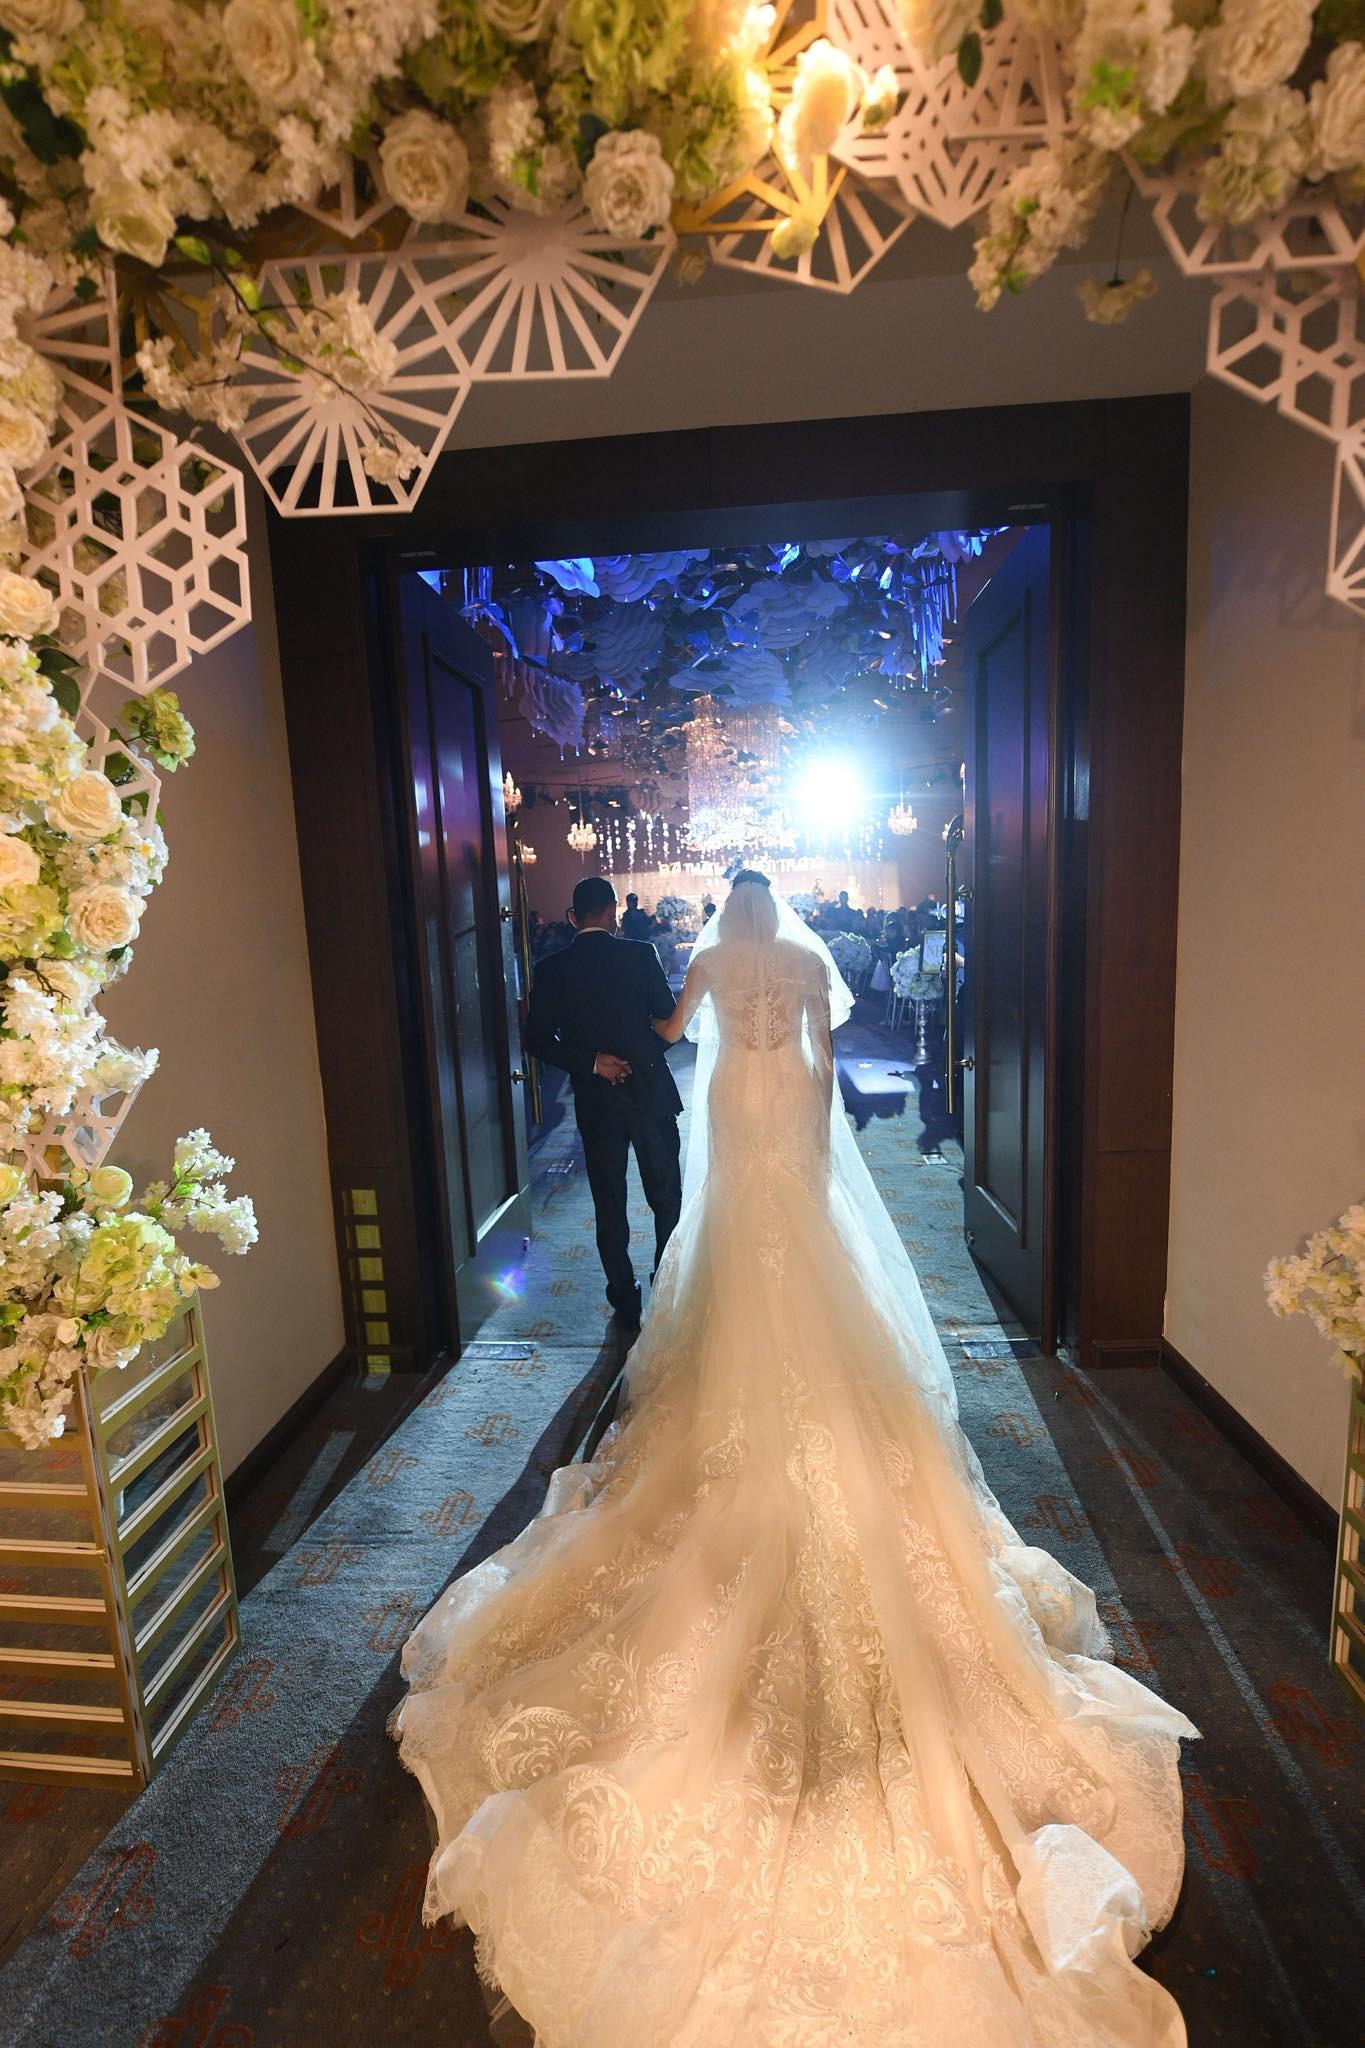 Huyền Trang Bất Hối chốt hạ năm 2018 bằng đám cưới cực viên mãn - Ảnh 5.